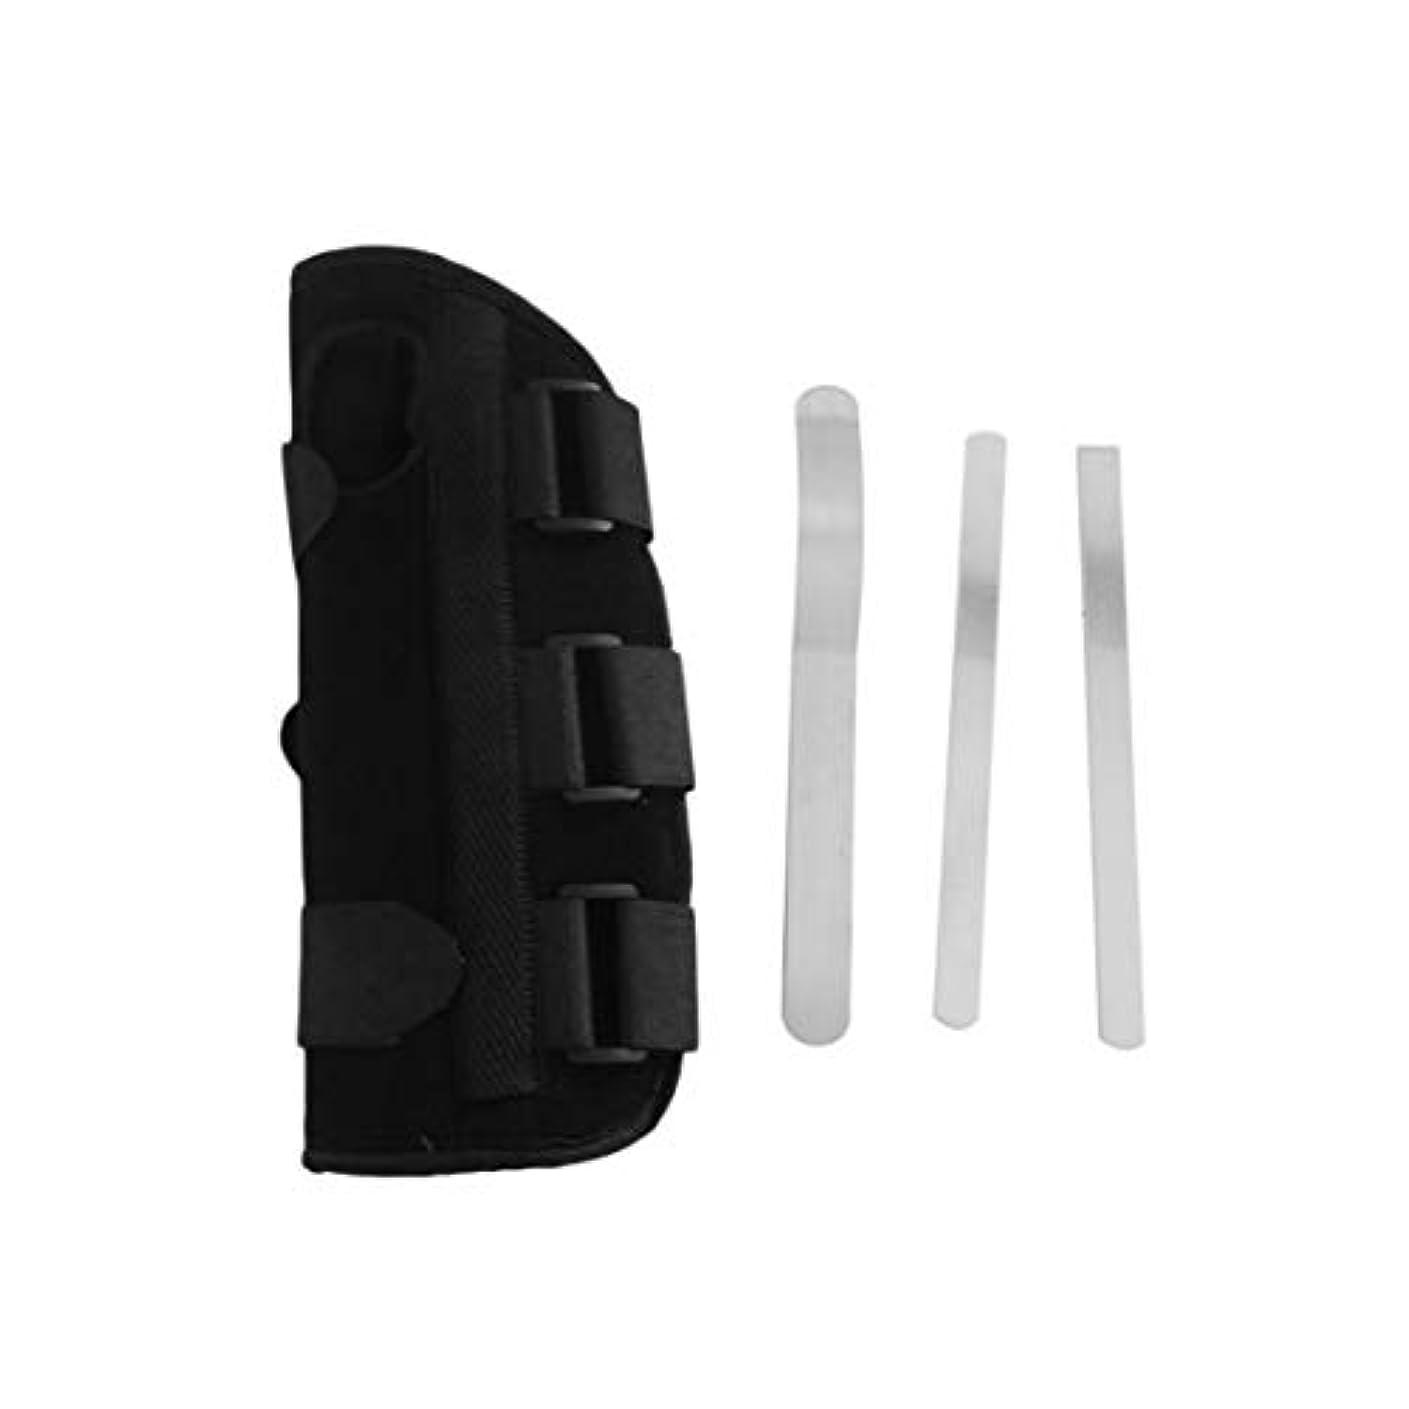 のり卵ピストン手首副木ブレース保護サポートストラップカルペルトンネルCTS RSI痛み軽減リムーバブル副木快適な軽量ストラップ - ブラックM